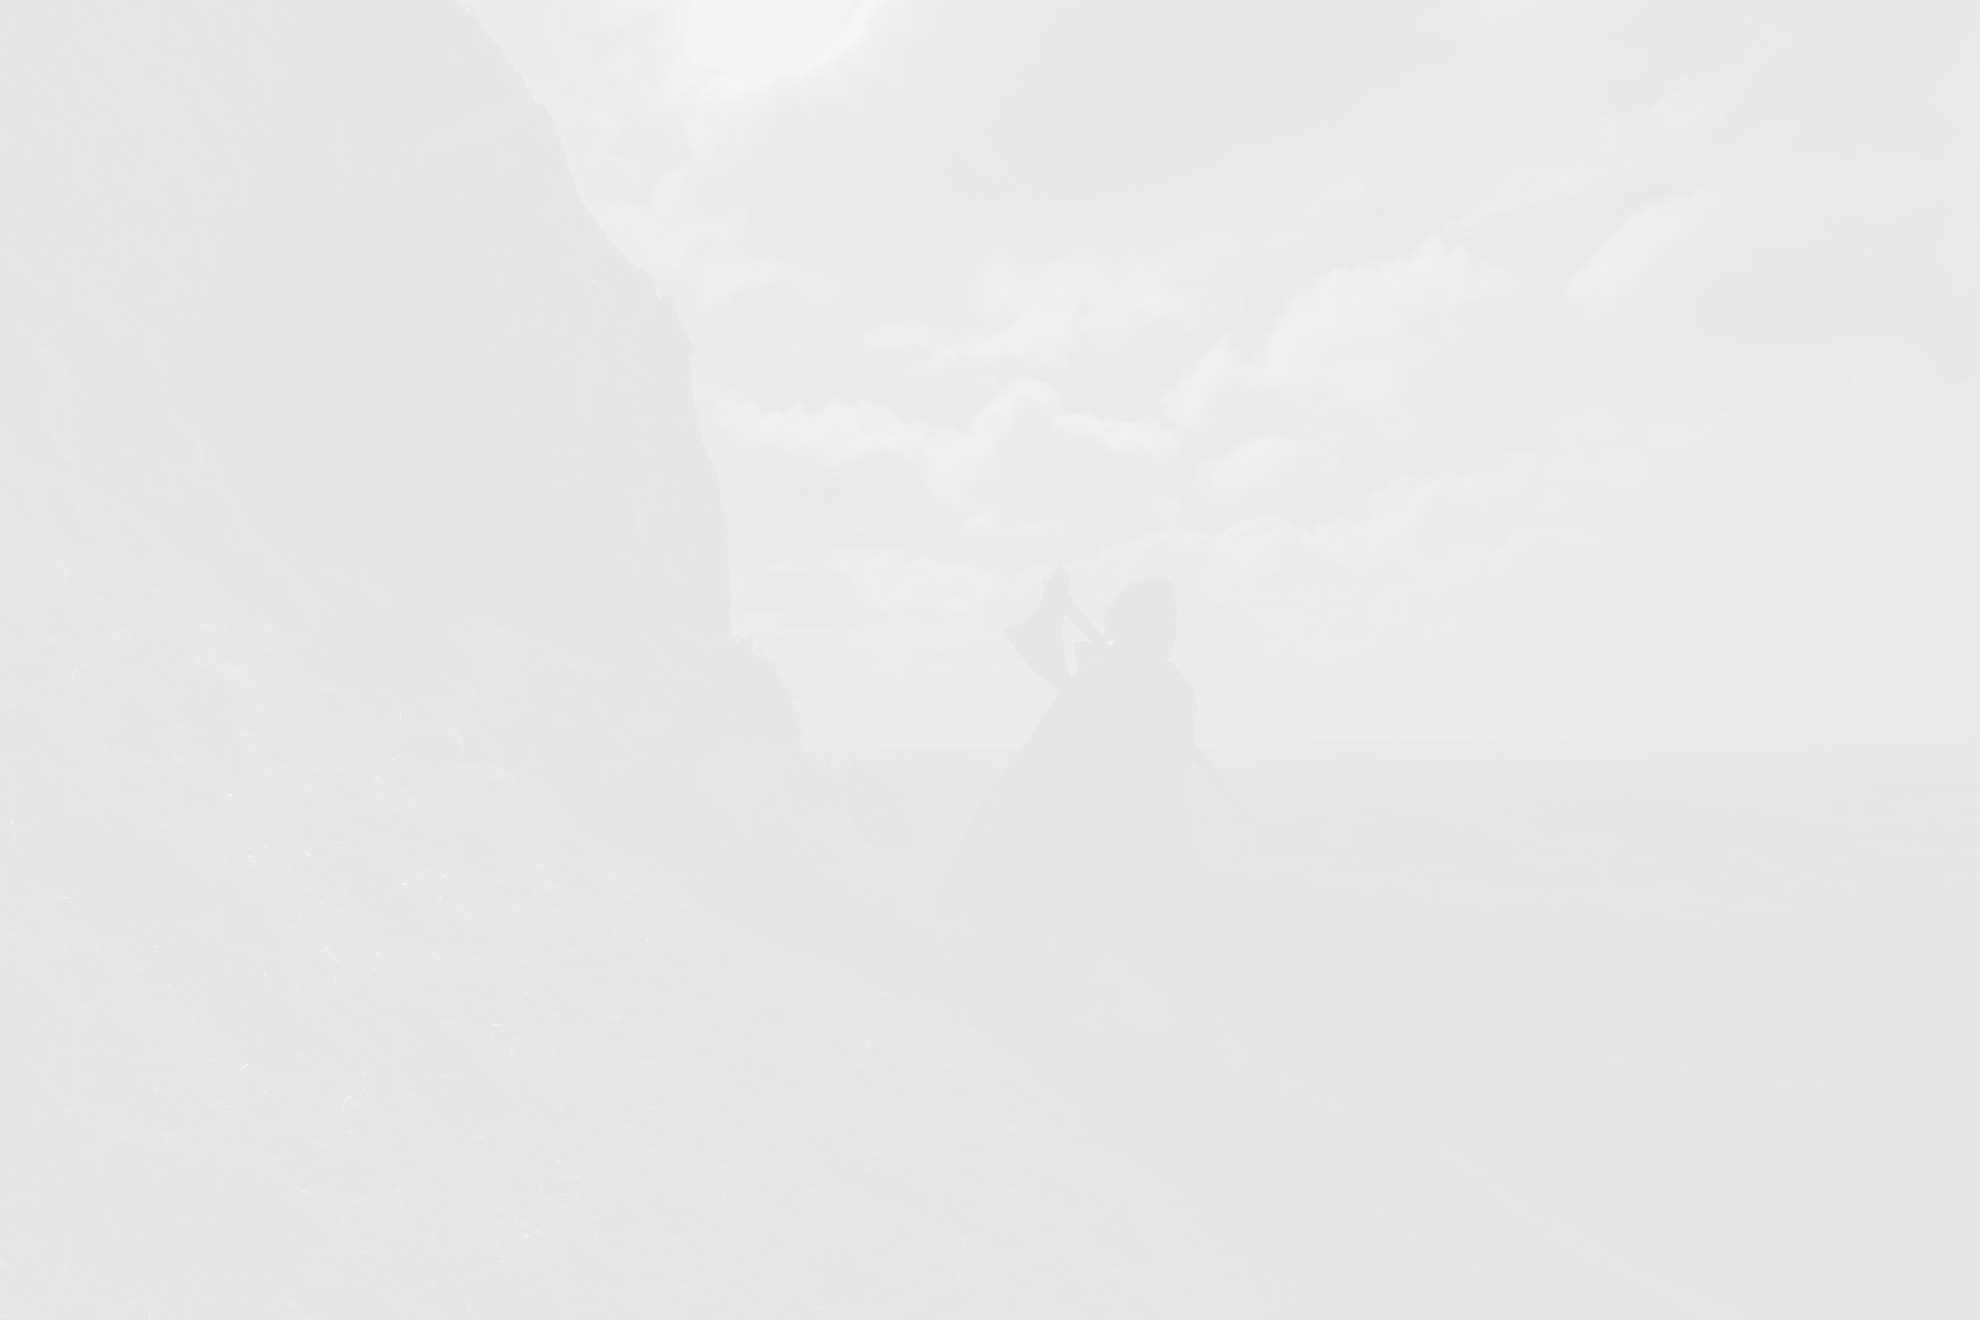 【保証書付】 セール バイク用品 電装系 ヘッドライト&ヘッドライトバルブEASYRIDERS ヴィンテージスタイル